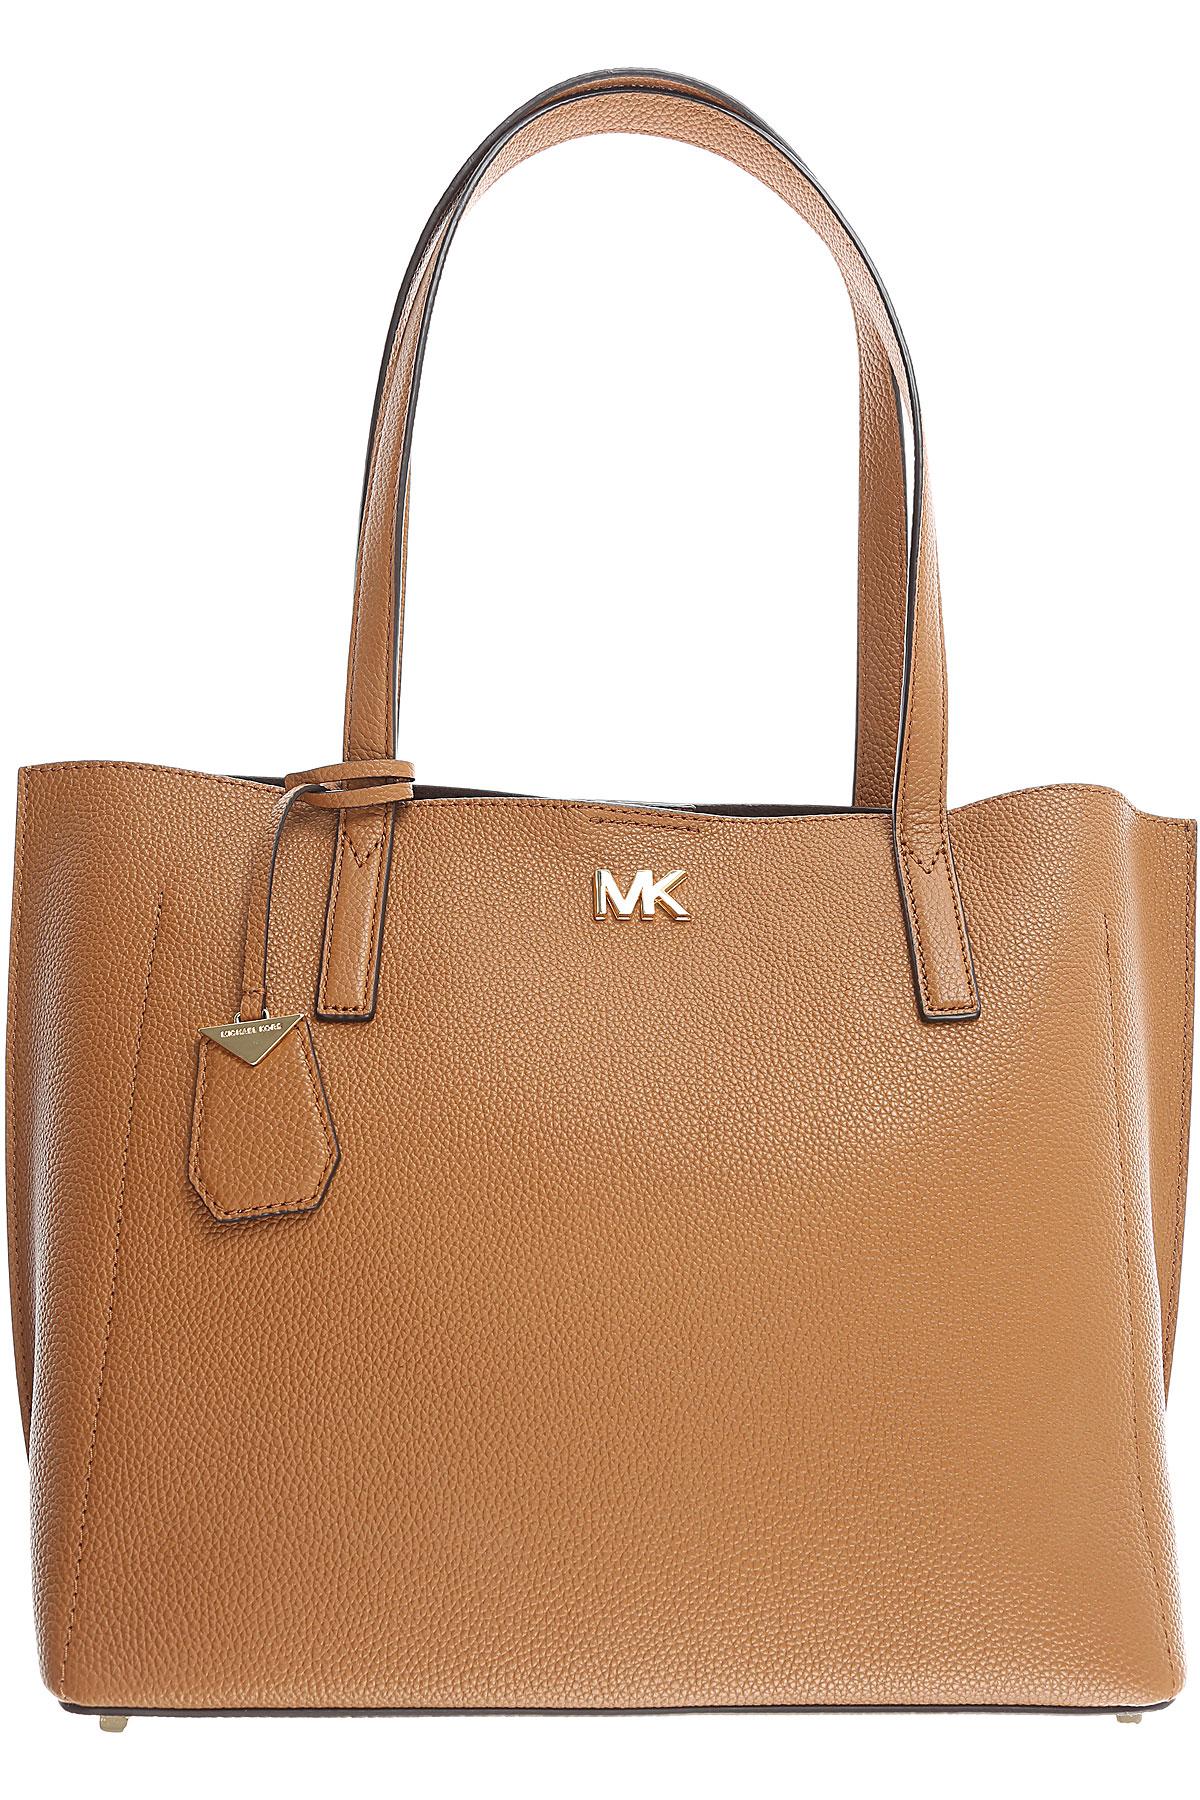 Michael Kors Tote Bag, Acorn, Leather, 2019